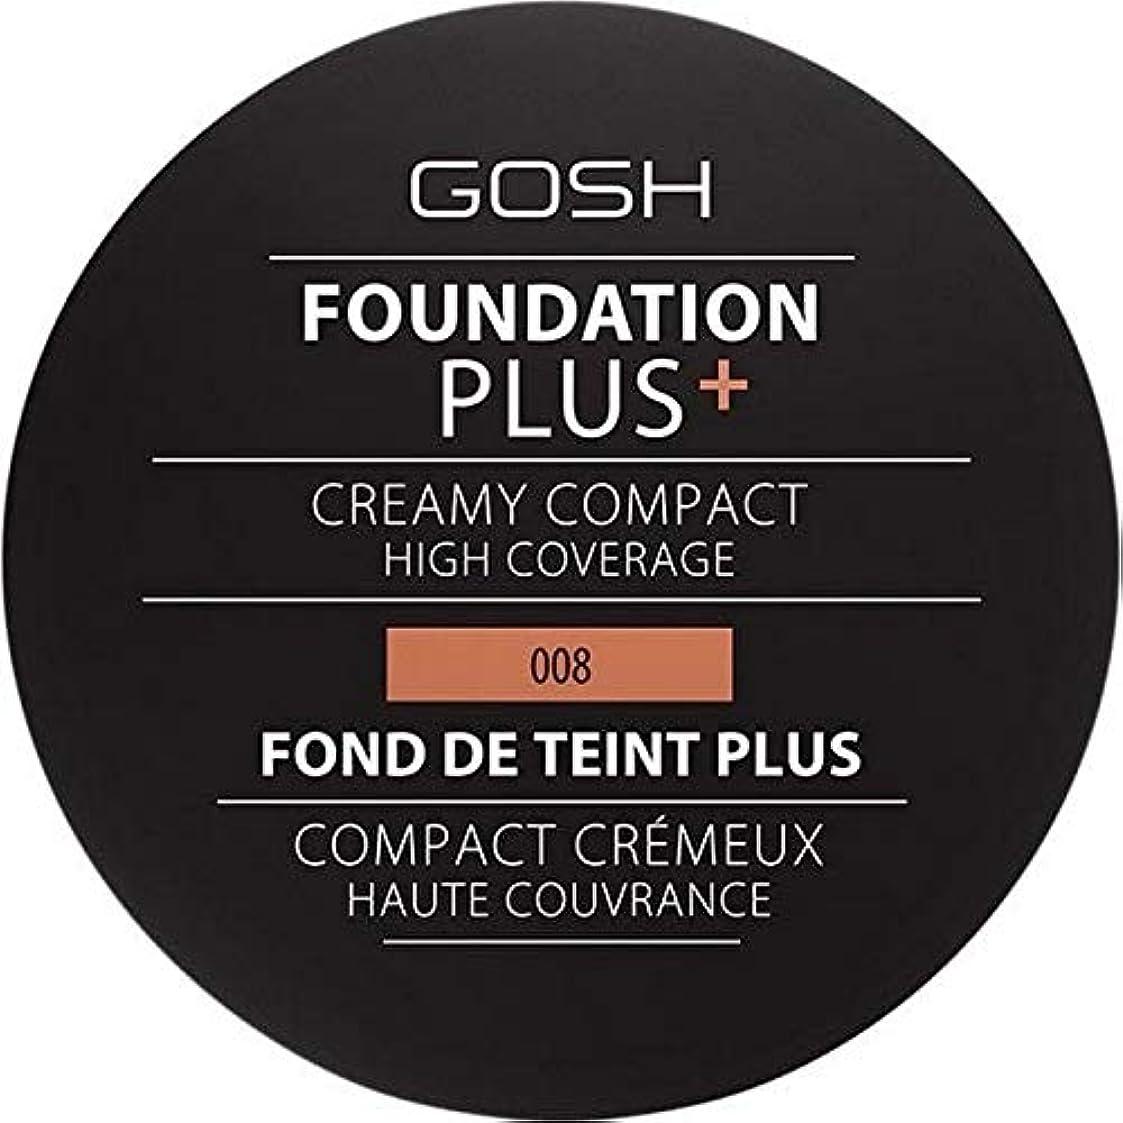 地下鉄噴水立法[GOSH ] おやっ基盤プラス008 +クリーミーコンパクト黄金 - Gosh Foundation Plus+ Creamy Compact Golden 008 [並行輸入品]